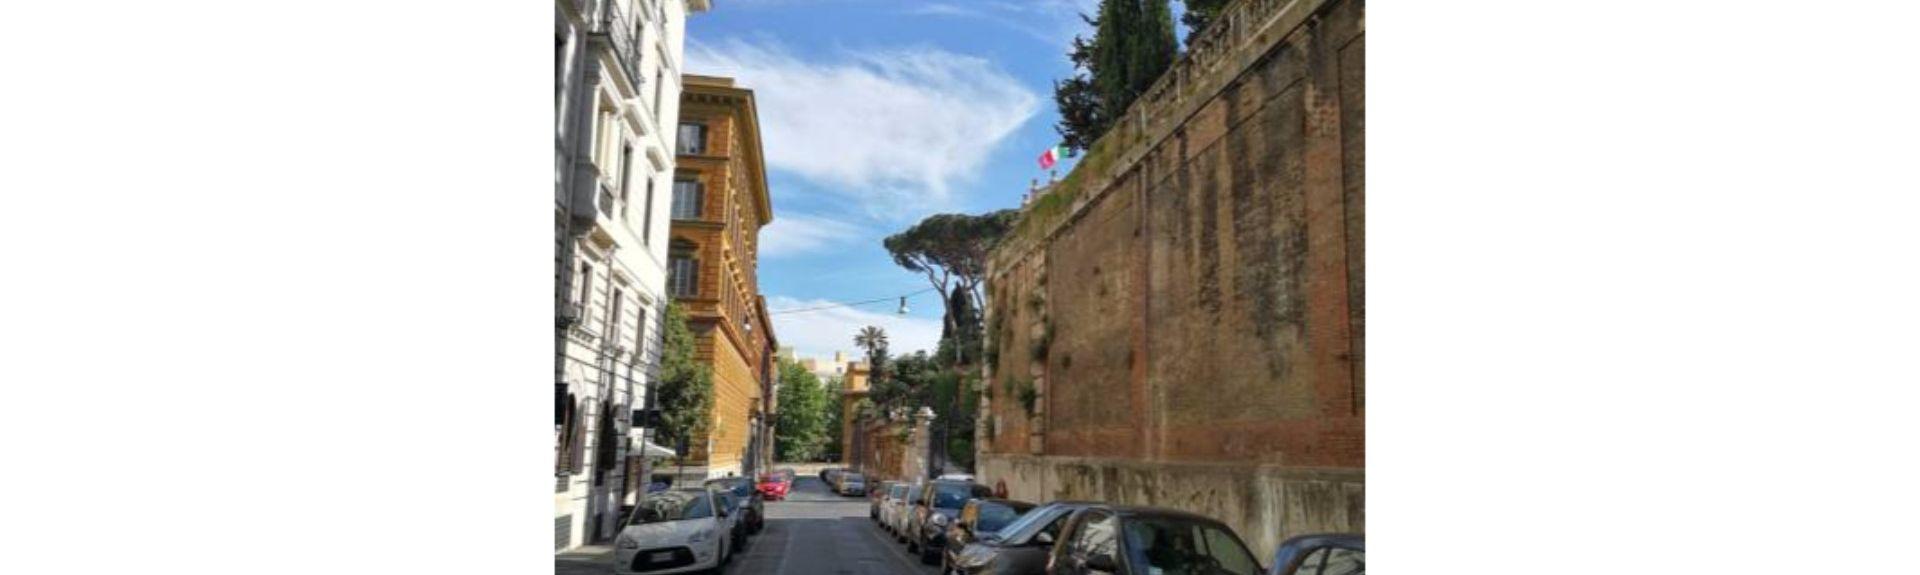 Φοντάνα ντι Τρέβι, Ρώμη, Λάτσιο, Ιταλία